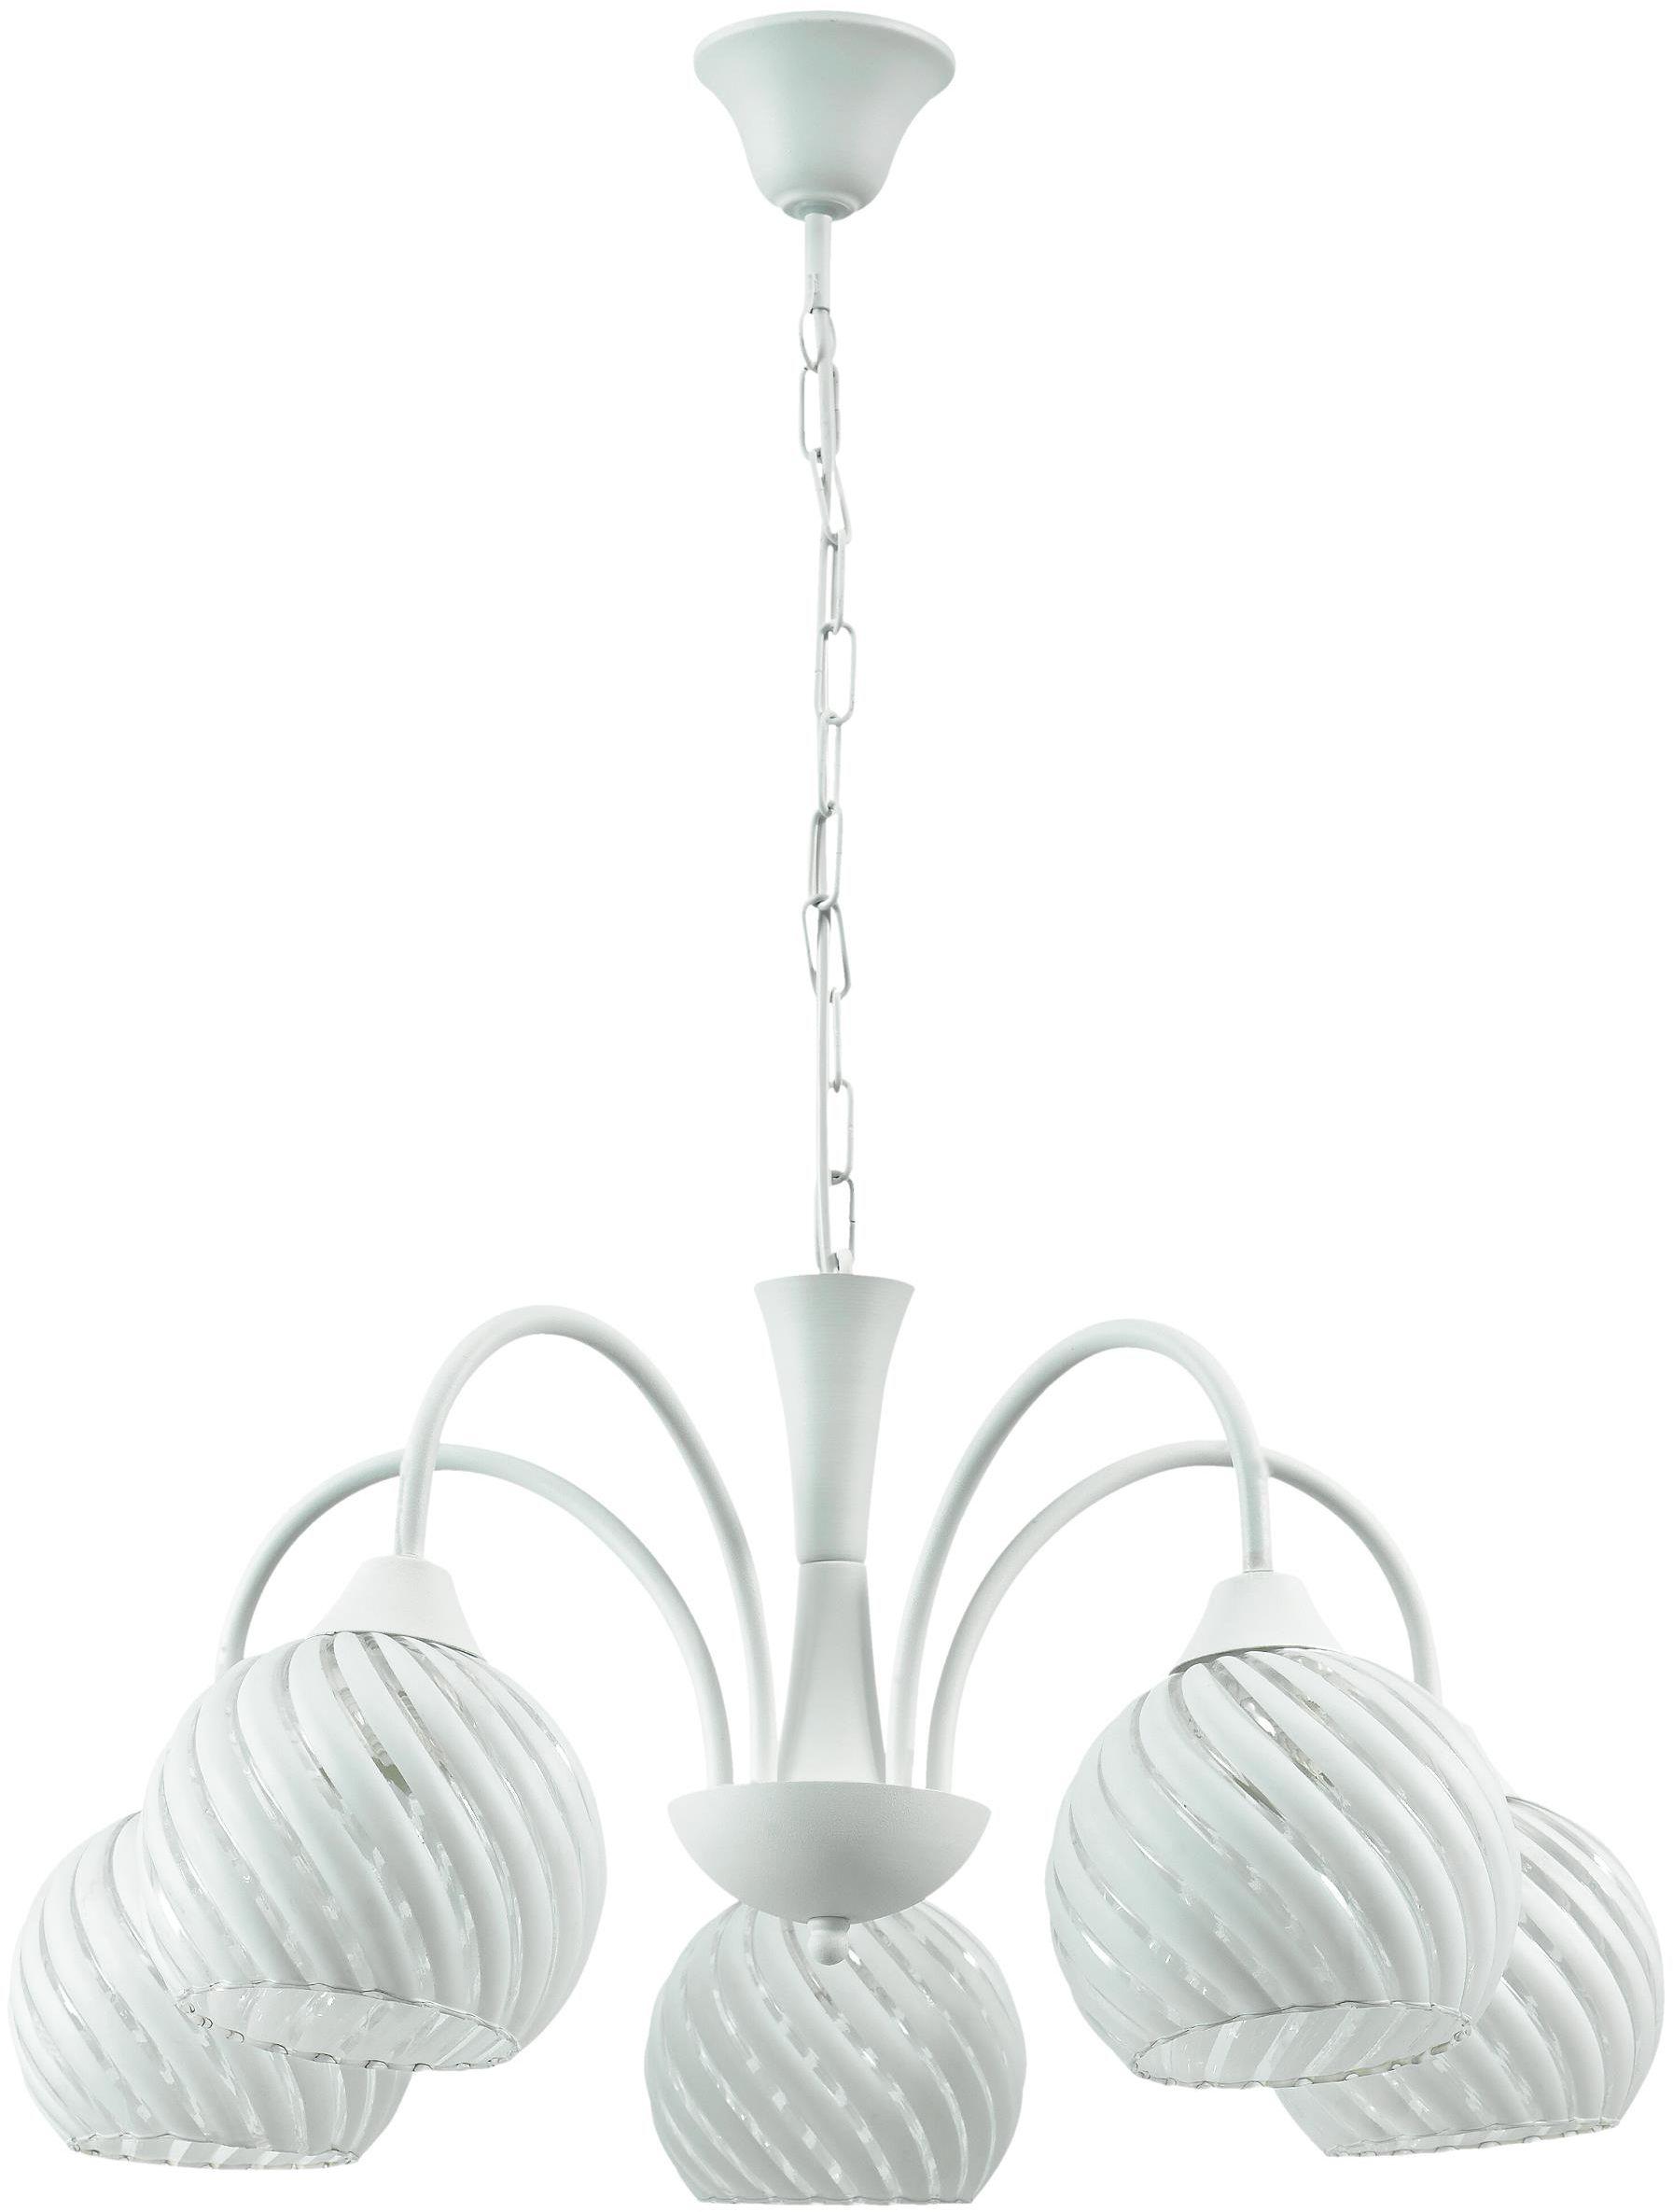 Lampex Balts 5 361/5 lampa wisząca klasyczna kuliste klosze ze spiralnym motywem 5x60W E27 52cm